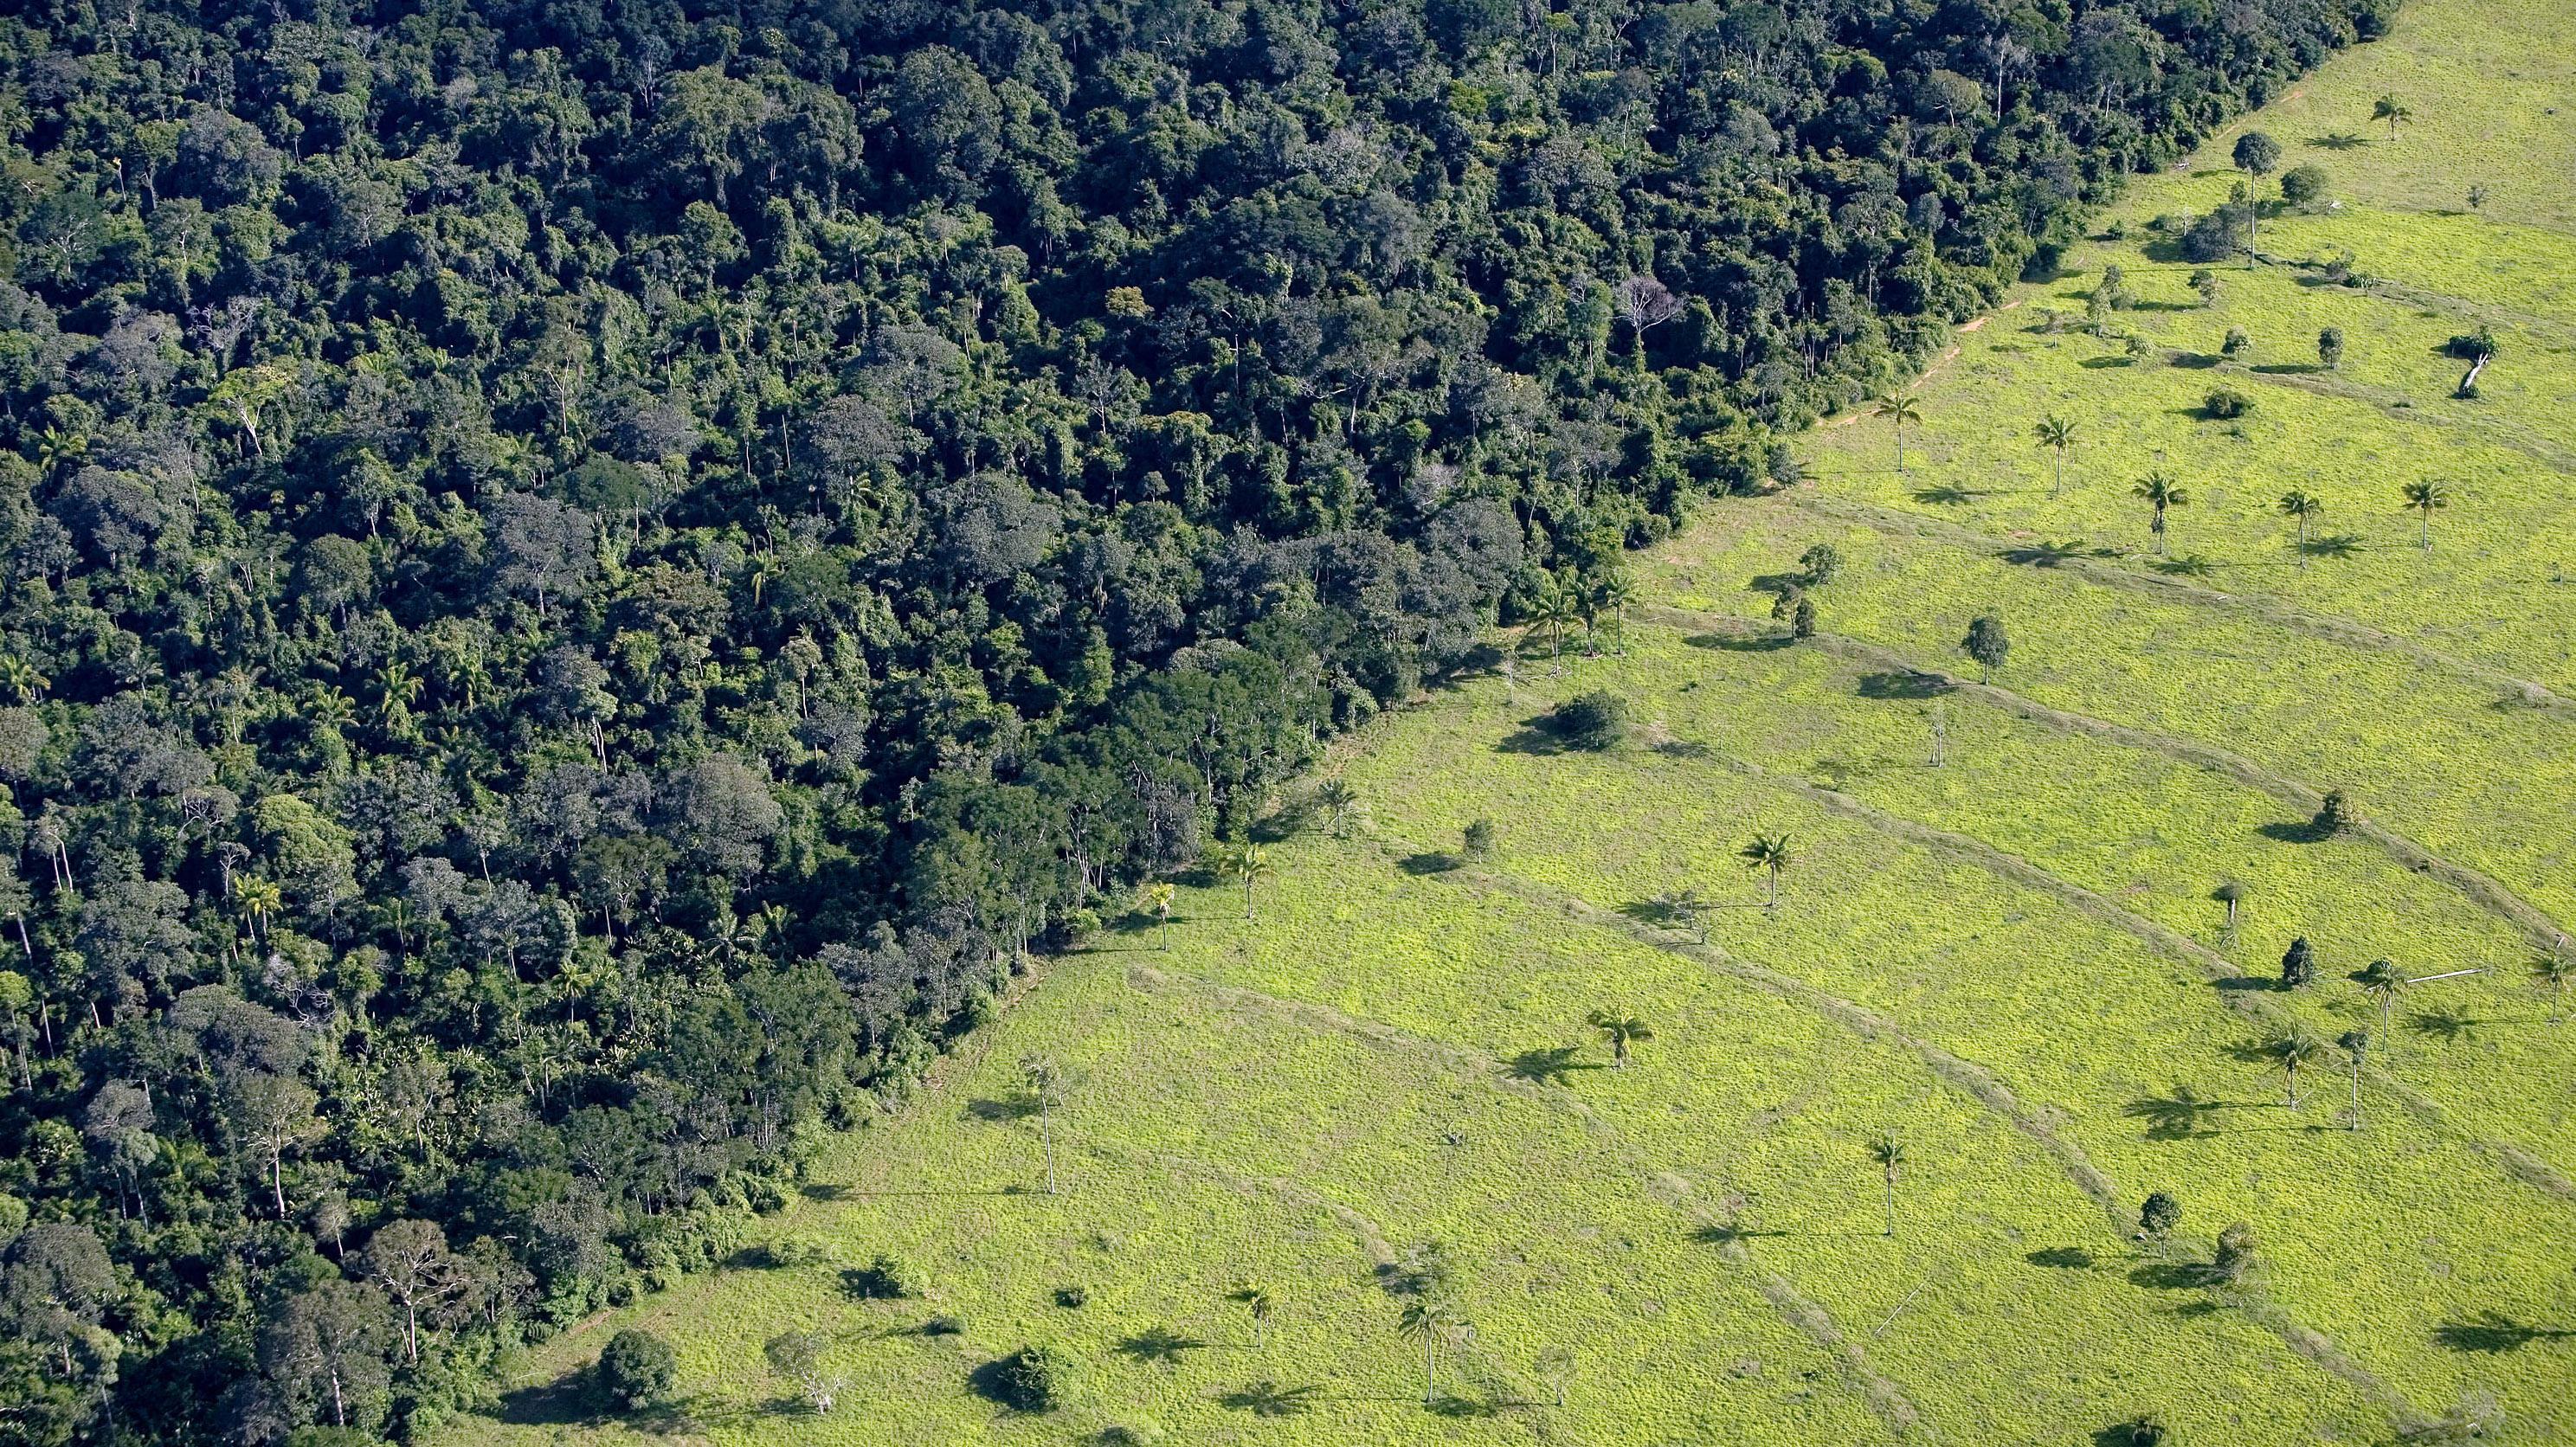 """Alemania justifica su decisión de congelar fondos a Brasil destinados al Amazonas por """"notable aumento de la deforestación"""""""